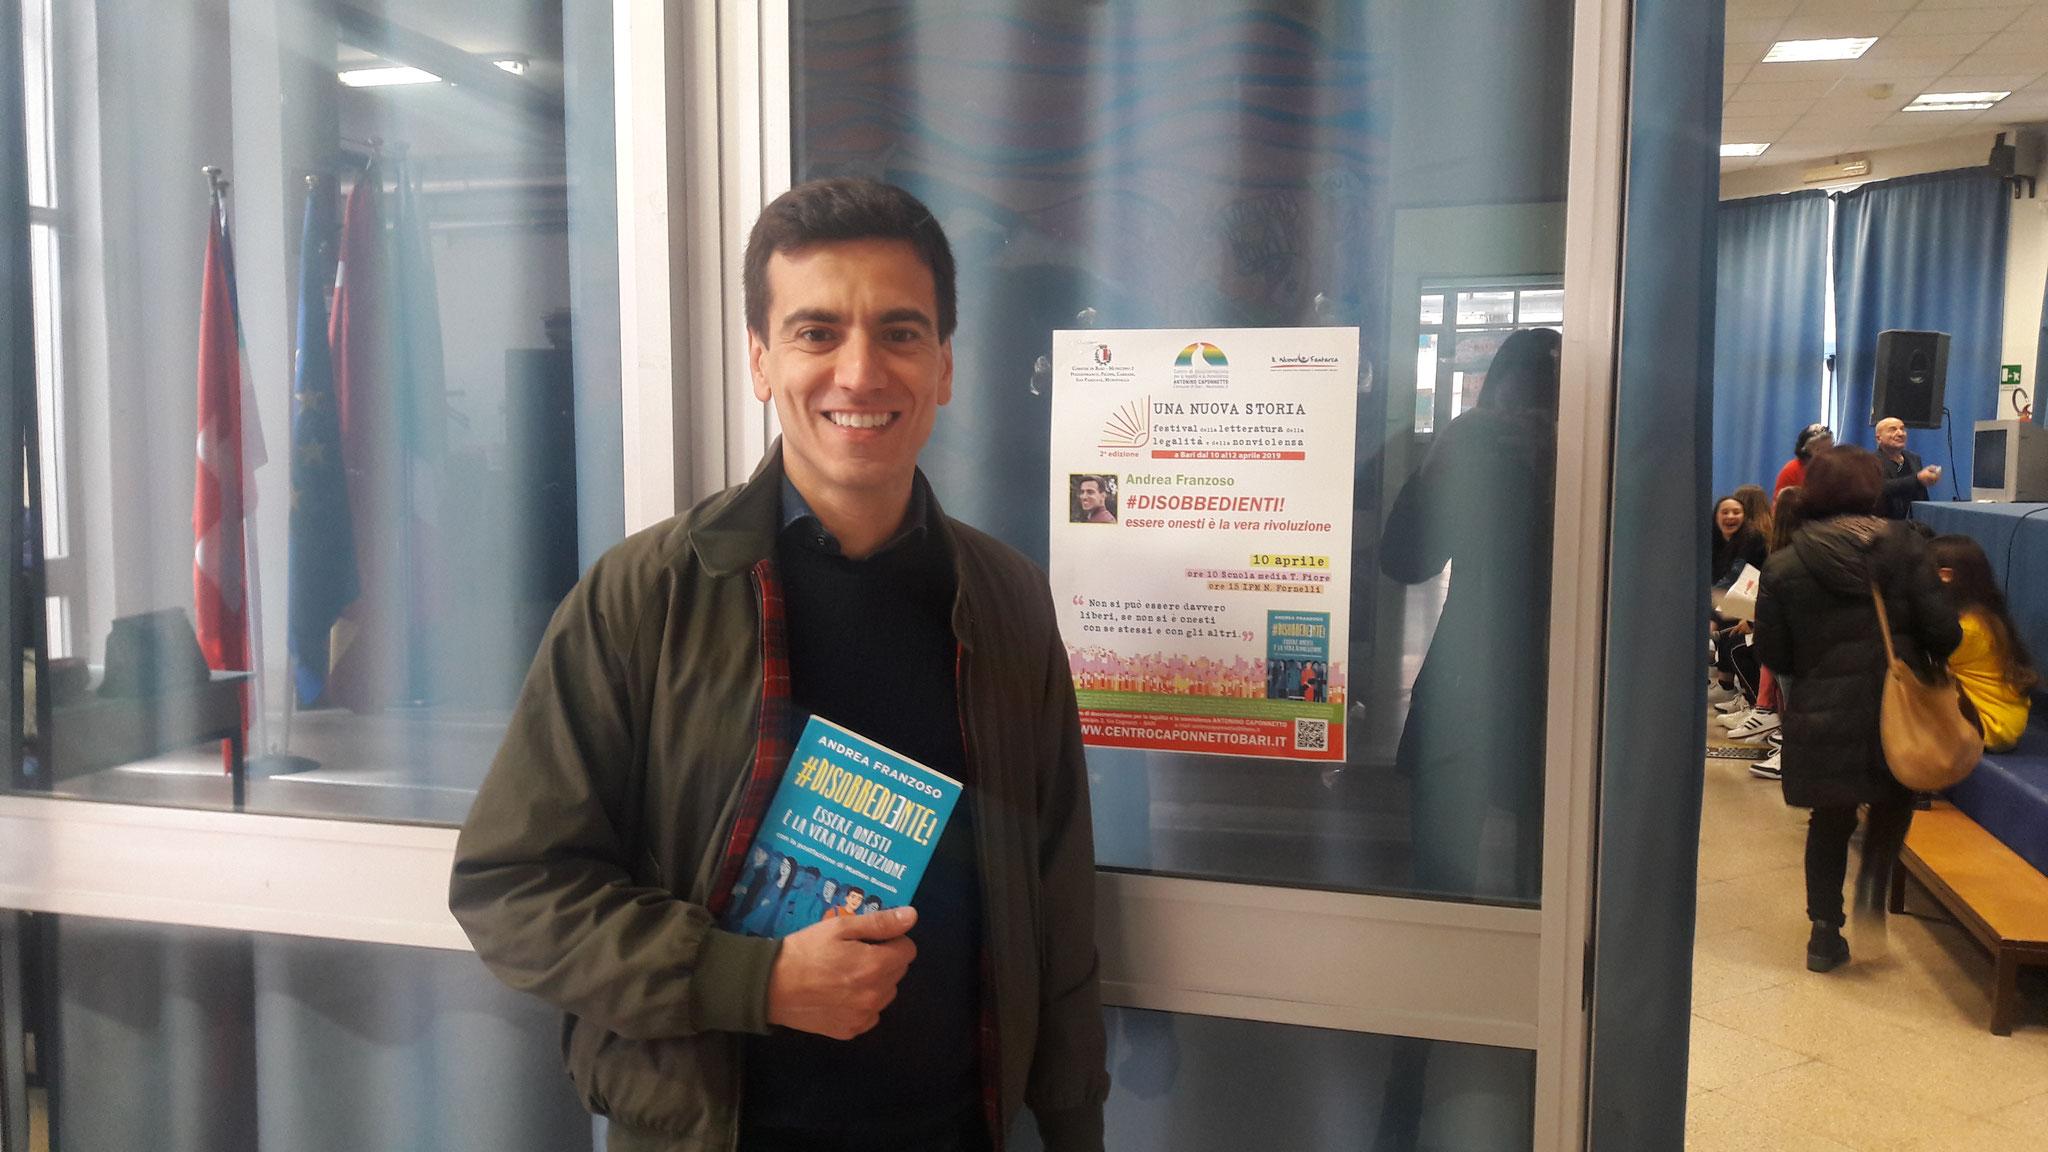 """Andrea Franzoso con """"#Disobbediente! Essere onesti è la vera rivoluzione"""" alla Scuola Media """"Tommaso Fiore"""""""